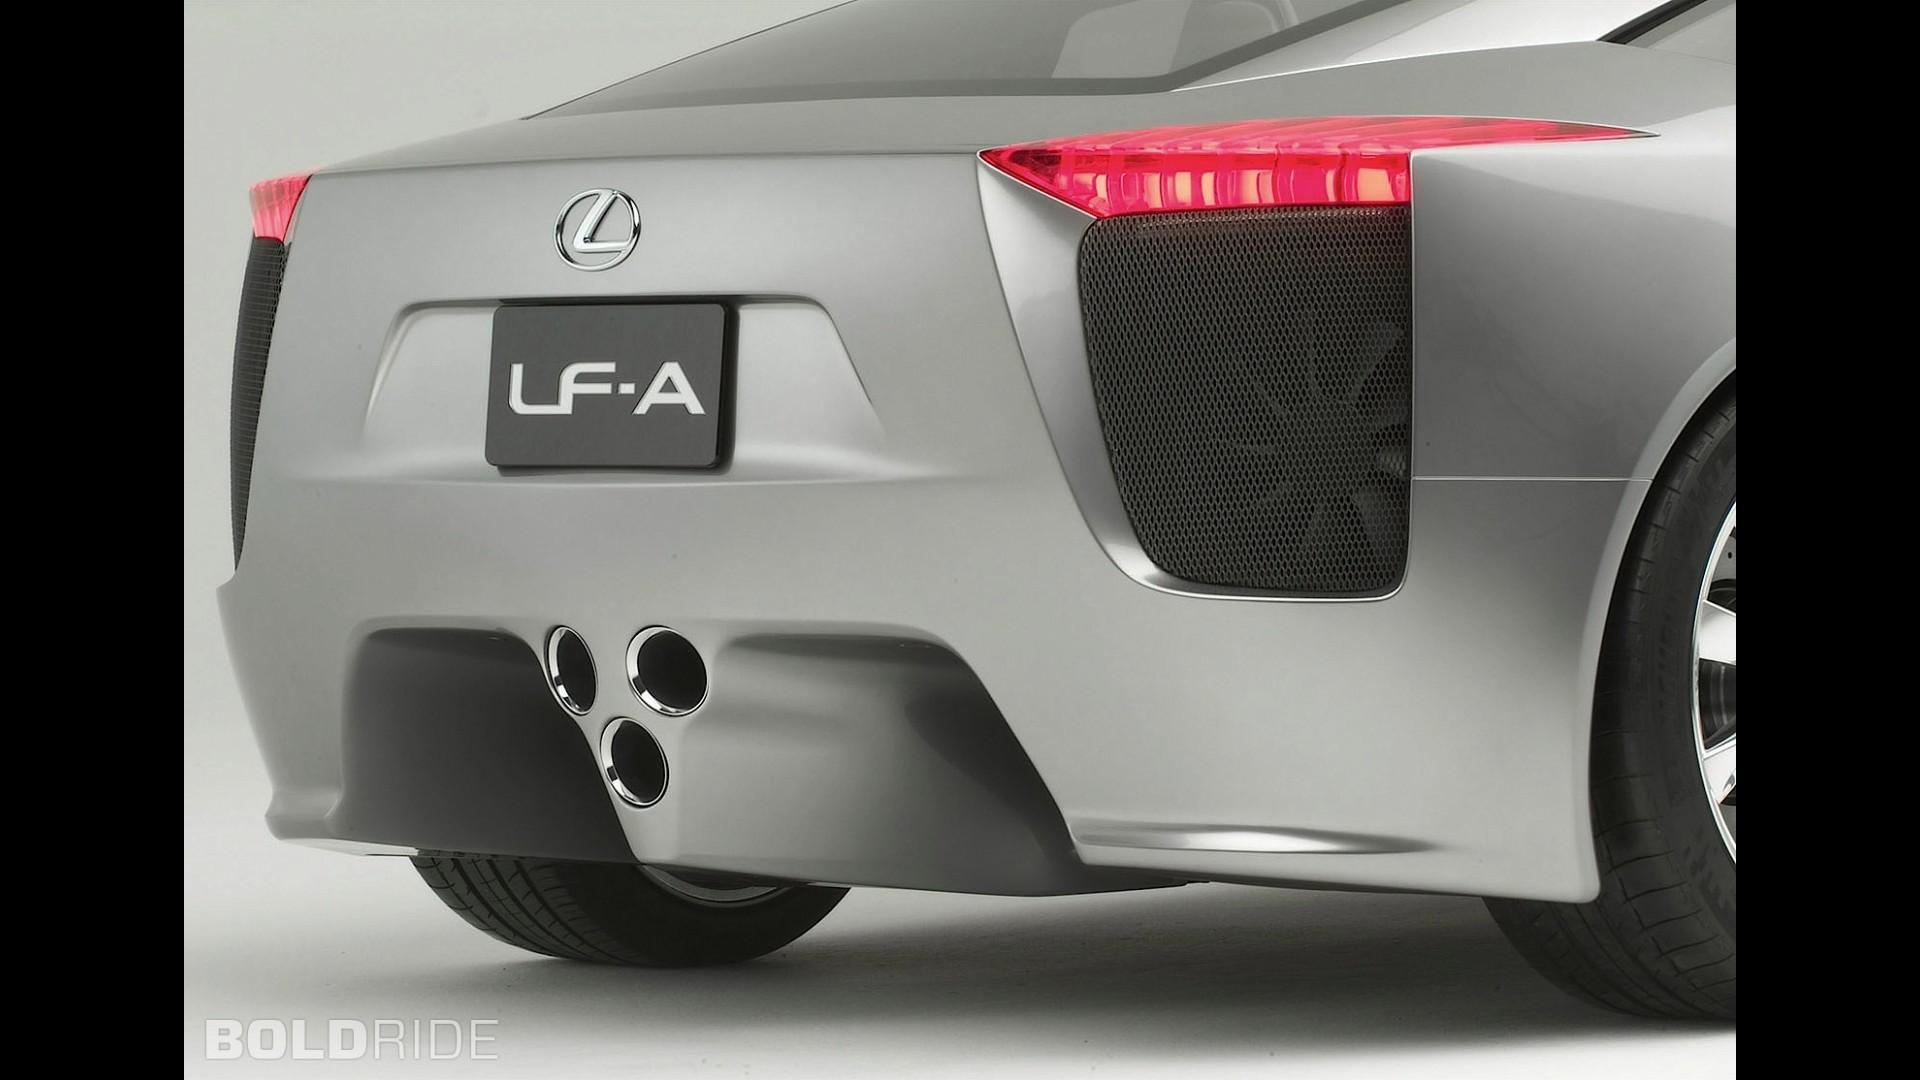 https://icdn-2.motor1.com/images/mgl/vPmZ4/s1/lexus-lf-a-concept.jpg